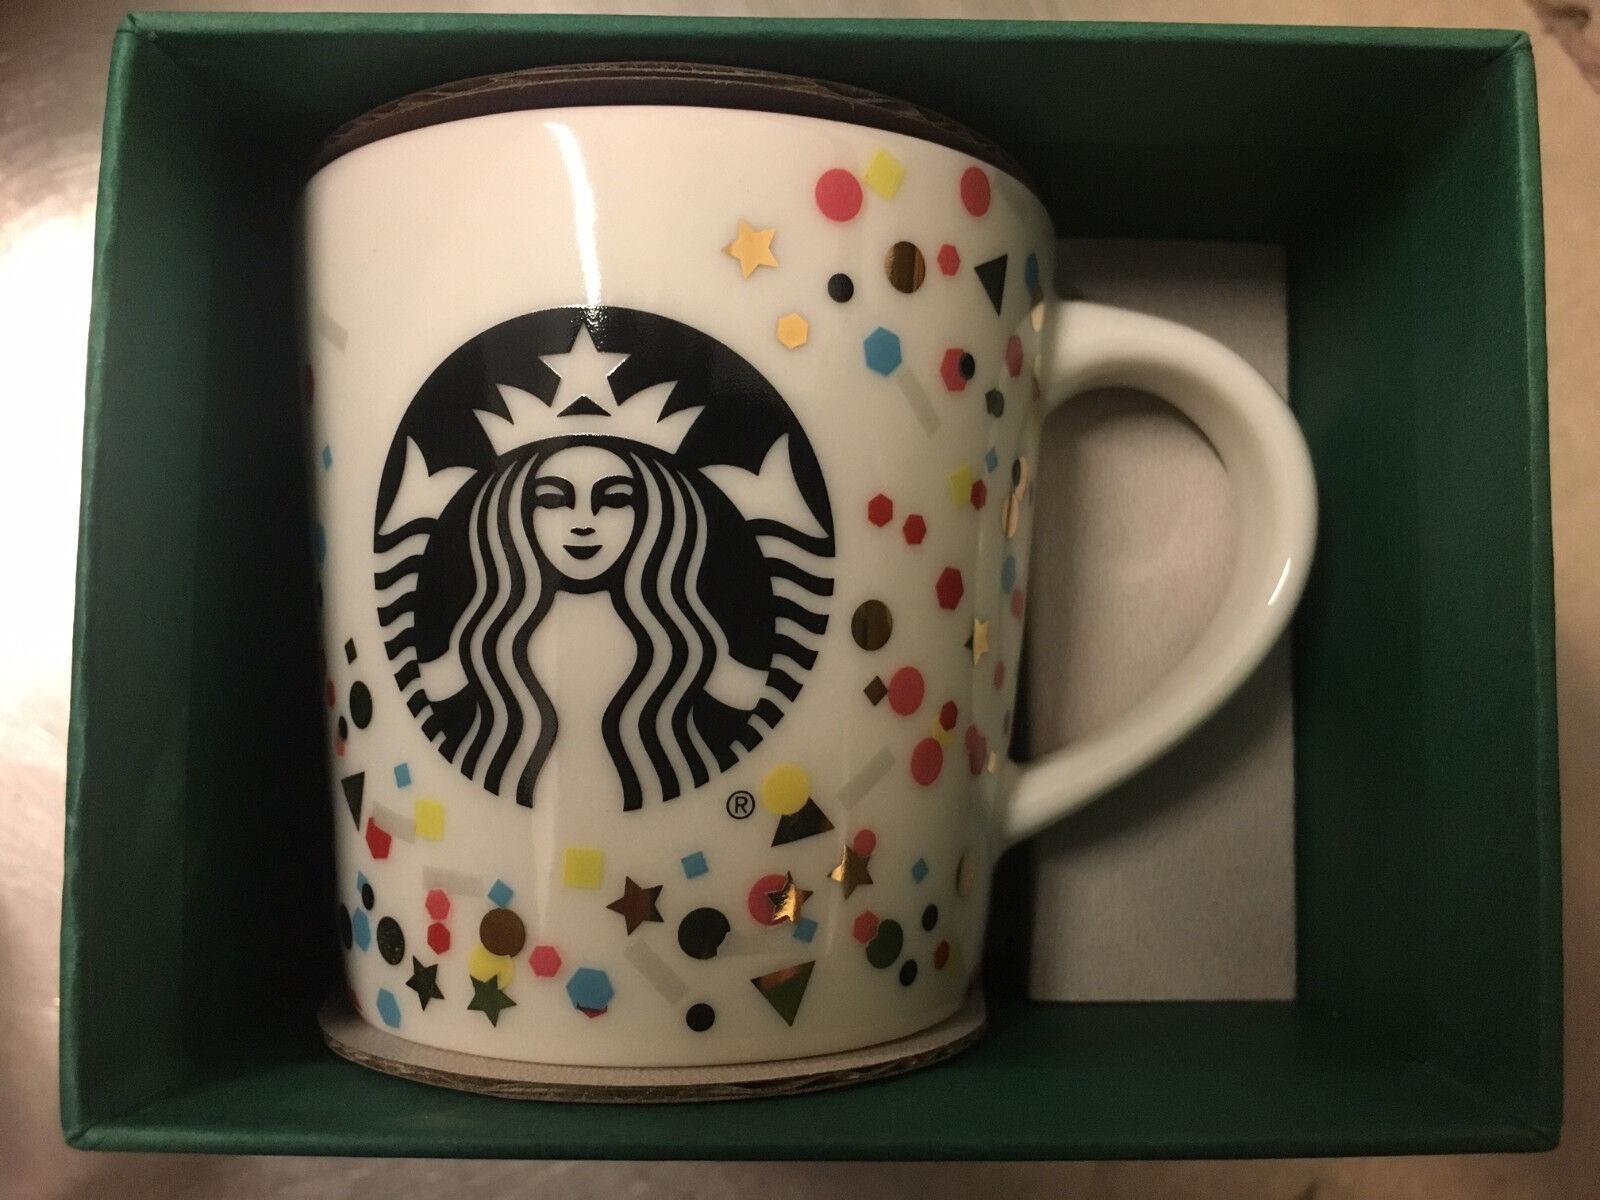 3oz Starbucks Demi Cup Confetti collectors mug limited edition Brand New in Box